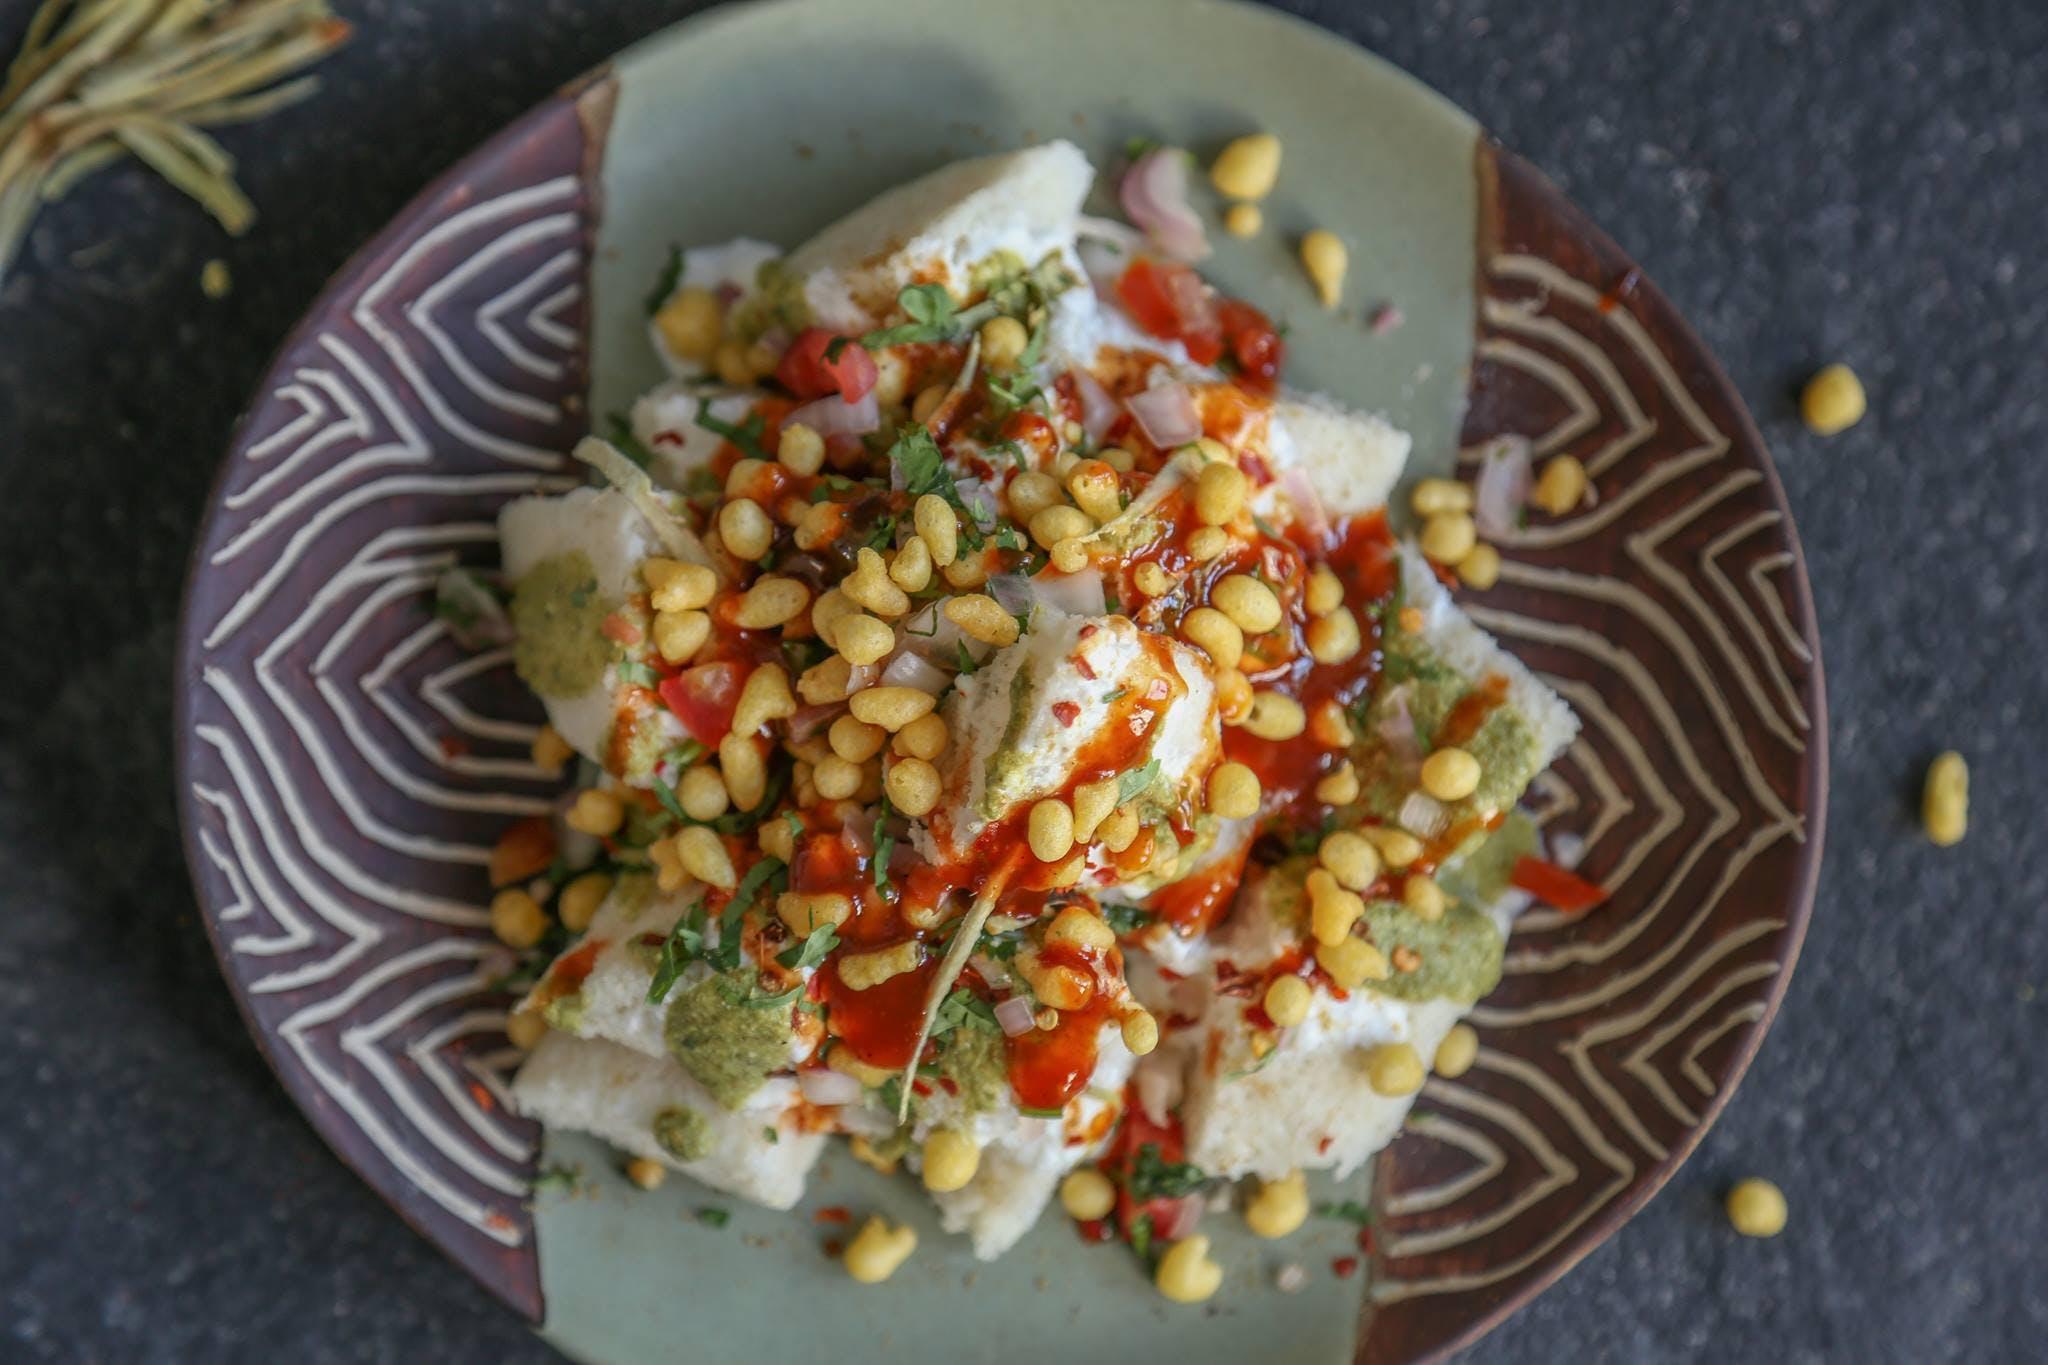 Food,Cuisine,Dish,Ingredient,Chaat,Produce,Succotash,Vegetarian food,Recipe,Esquites